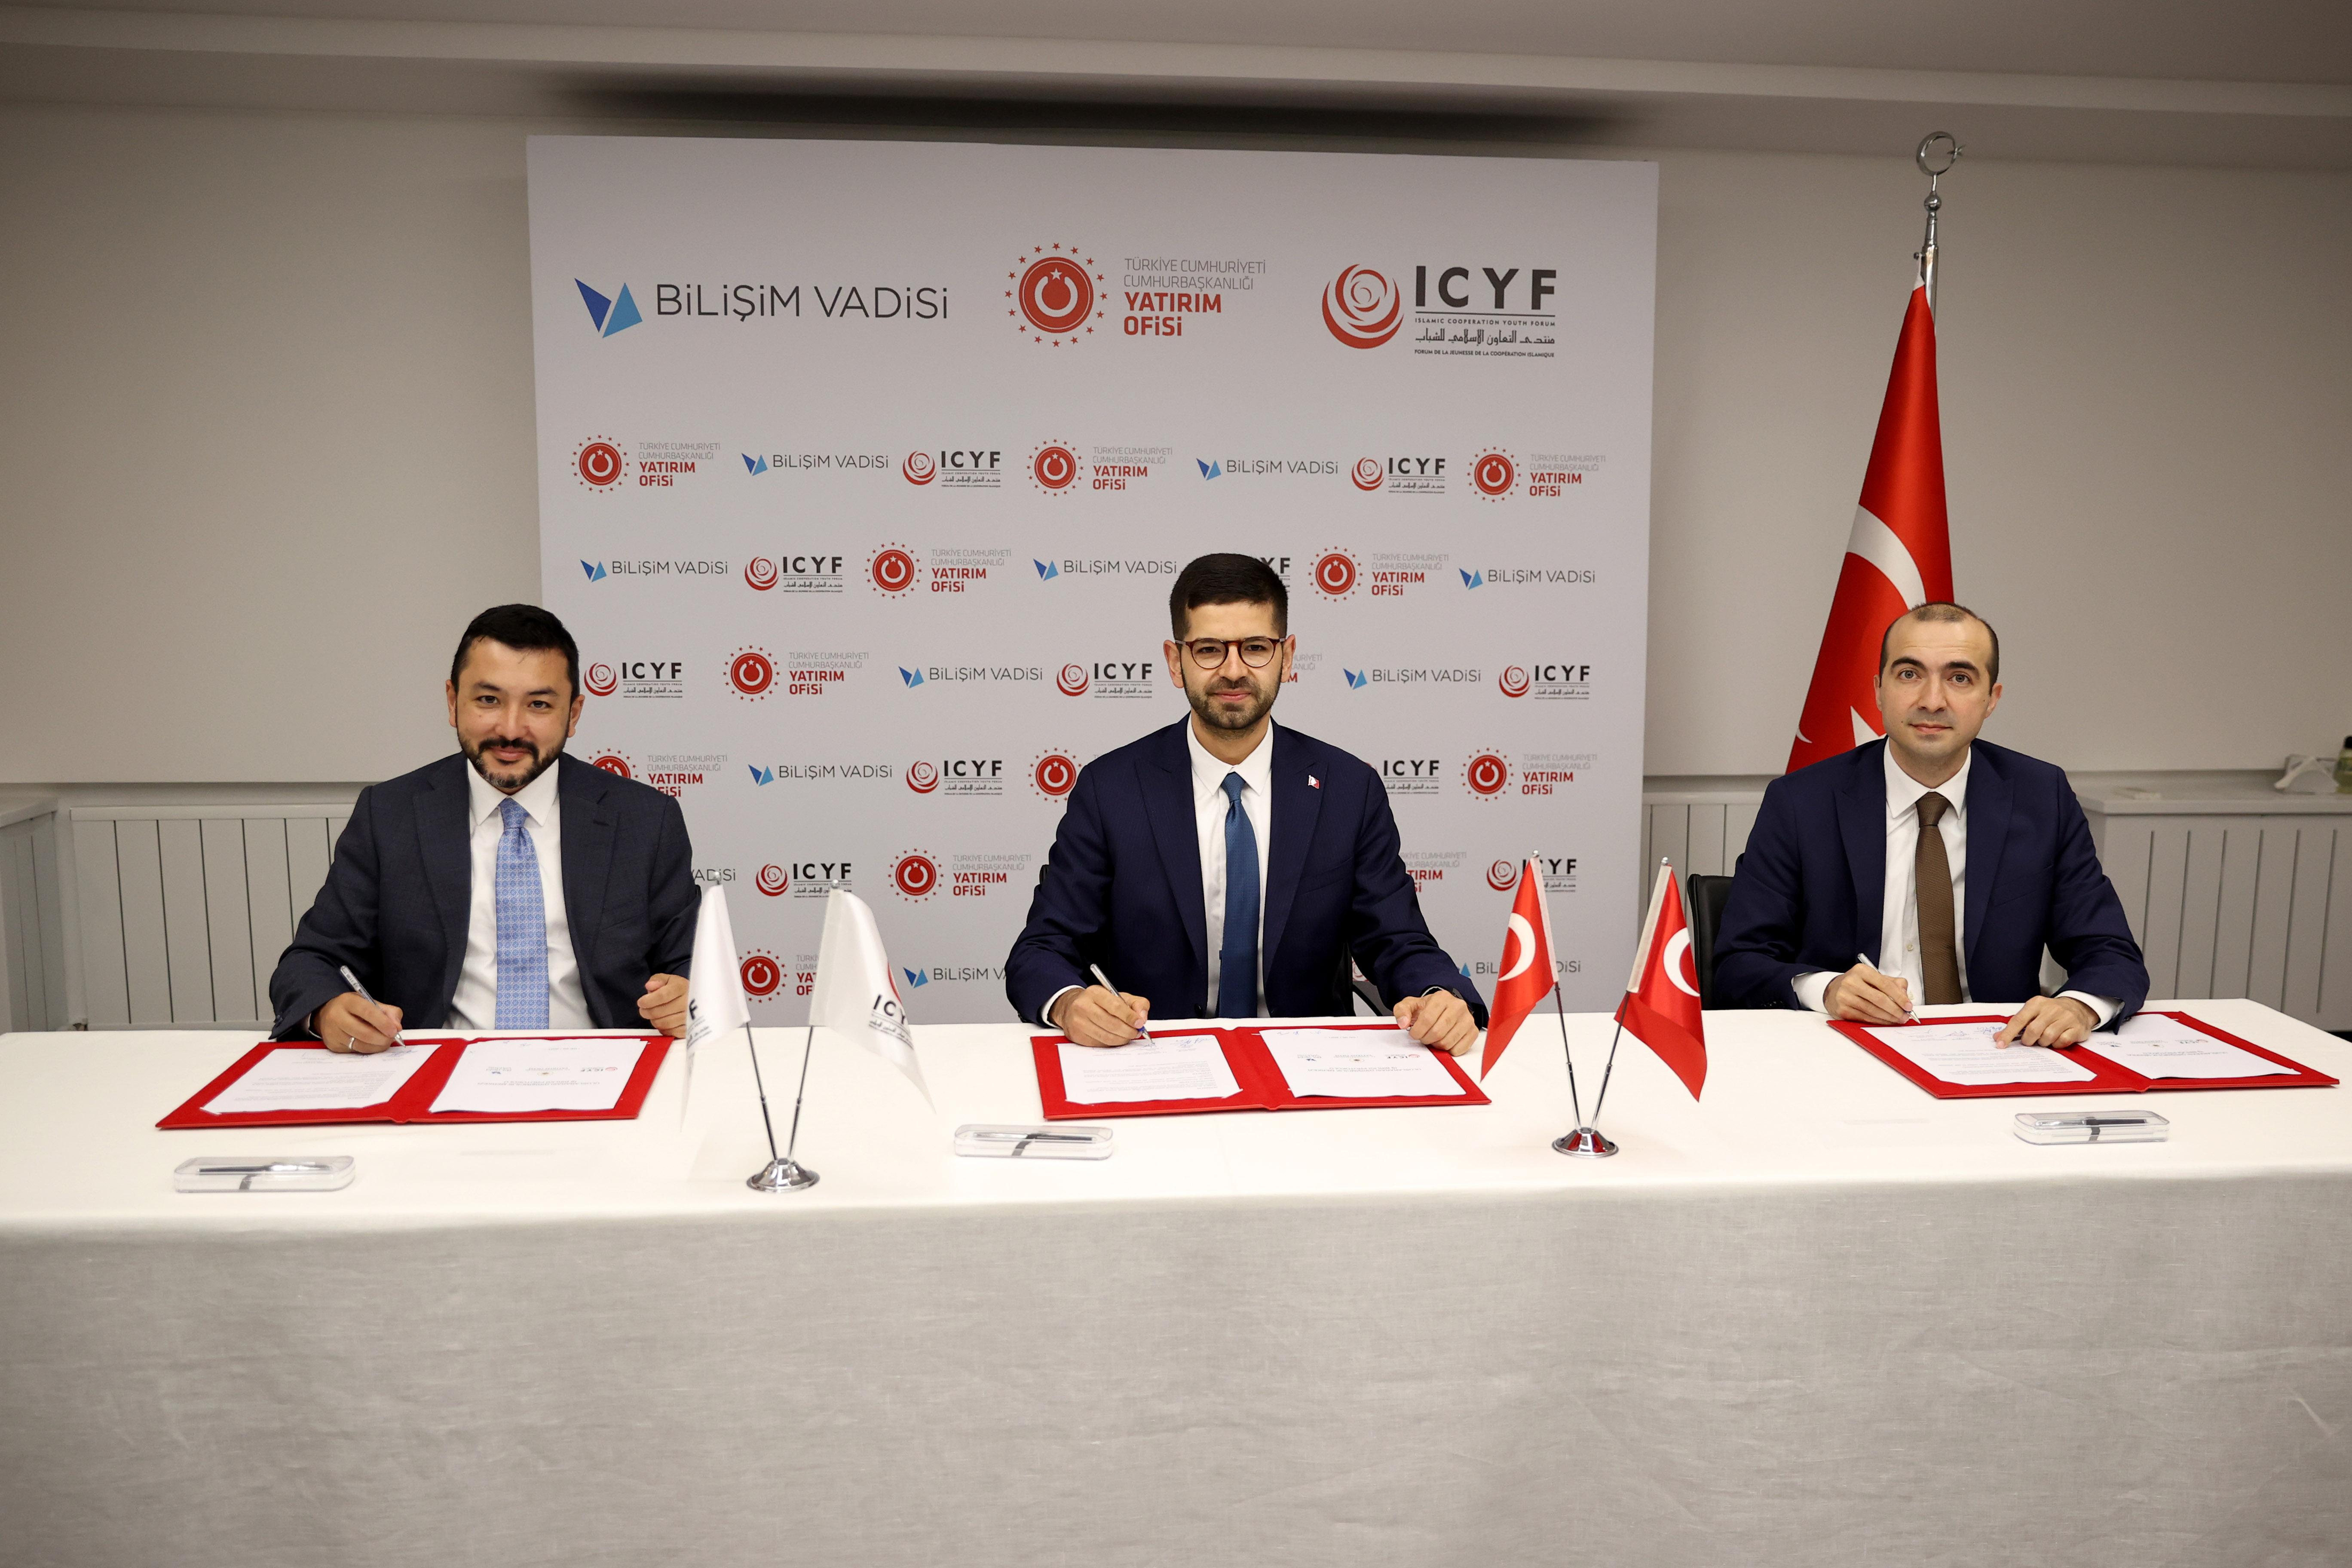 İstanbul'da Uluslararası Girişimcilik Merkezi açılıyor: Taraflar arasında imza atıldı